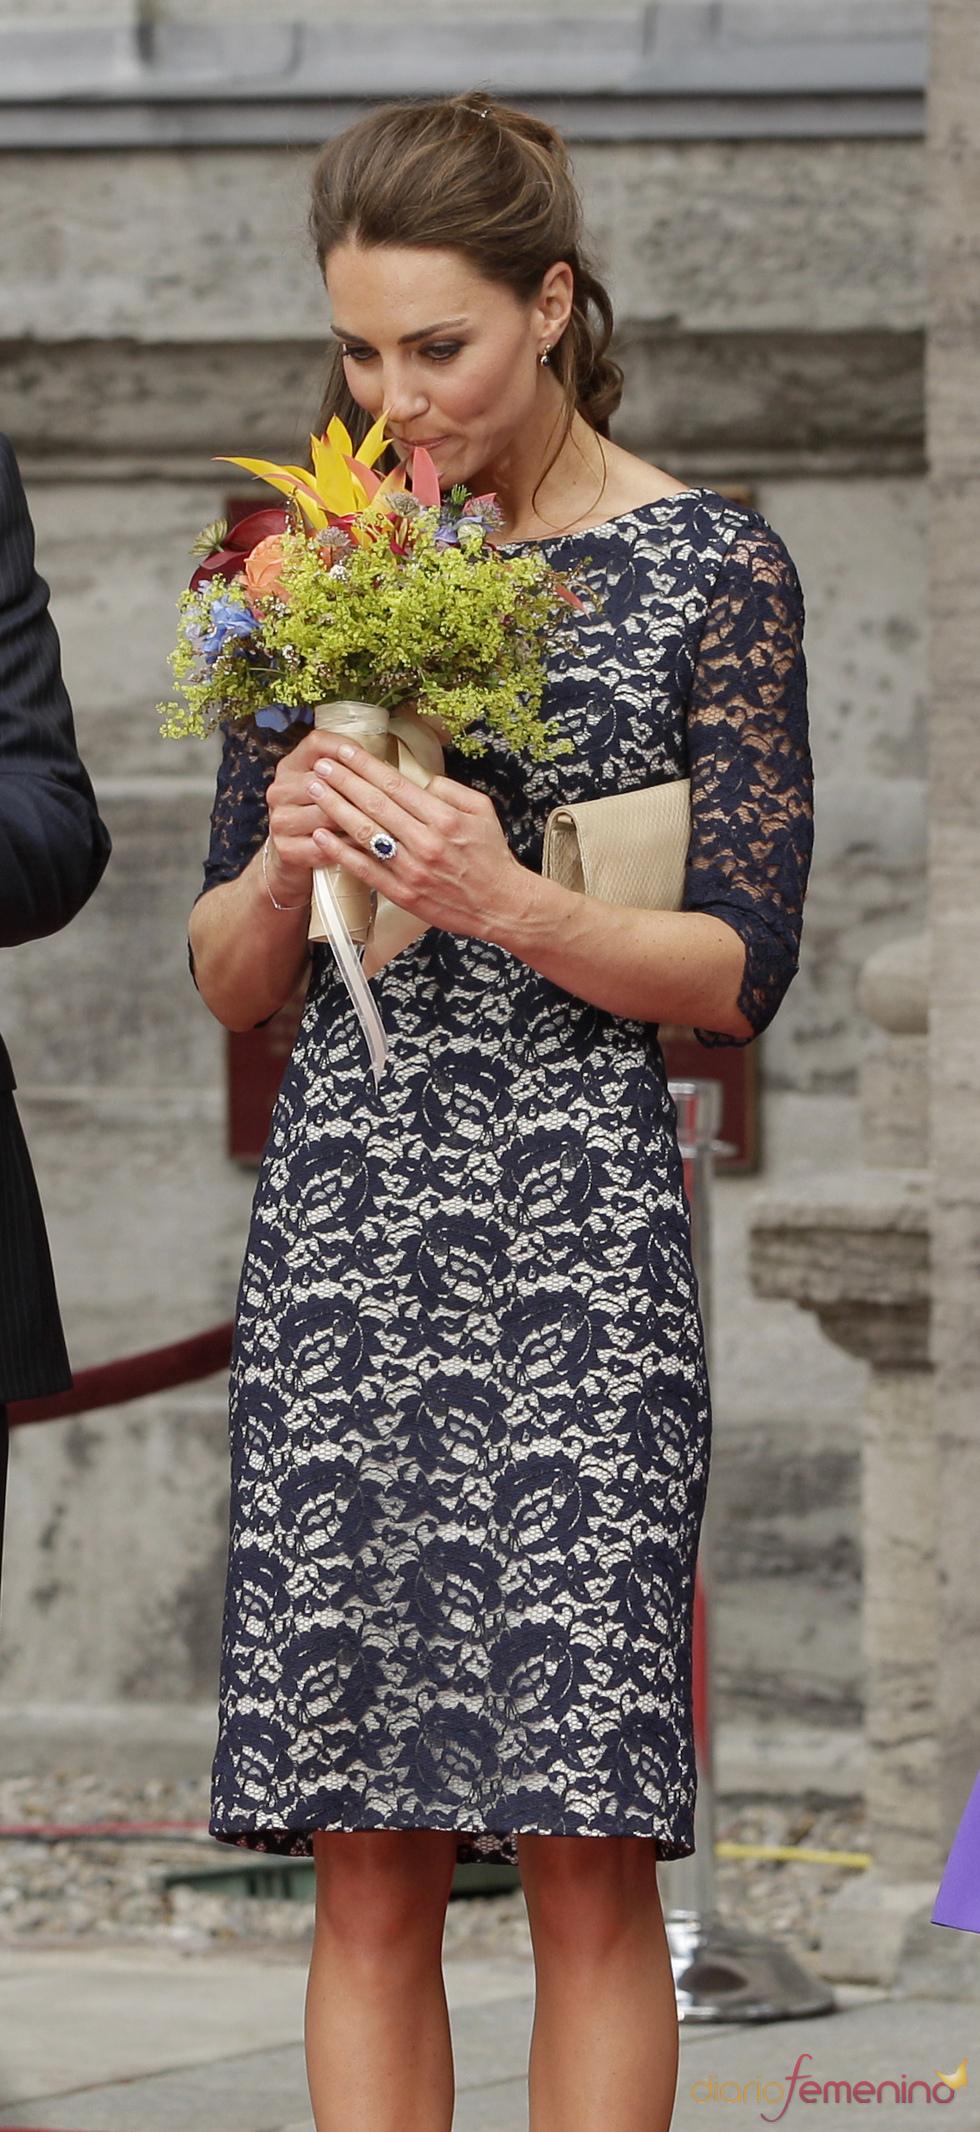 Kate Middleton recibe un ramo de flores a su llegada a Ottawa, Canadá